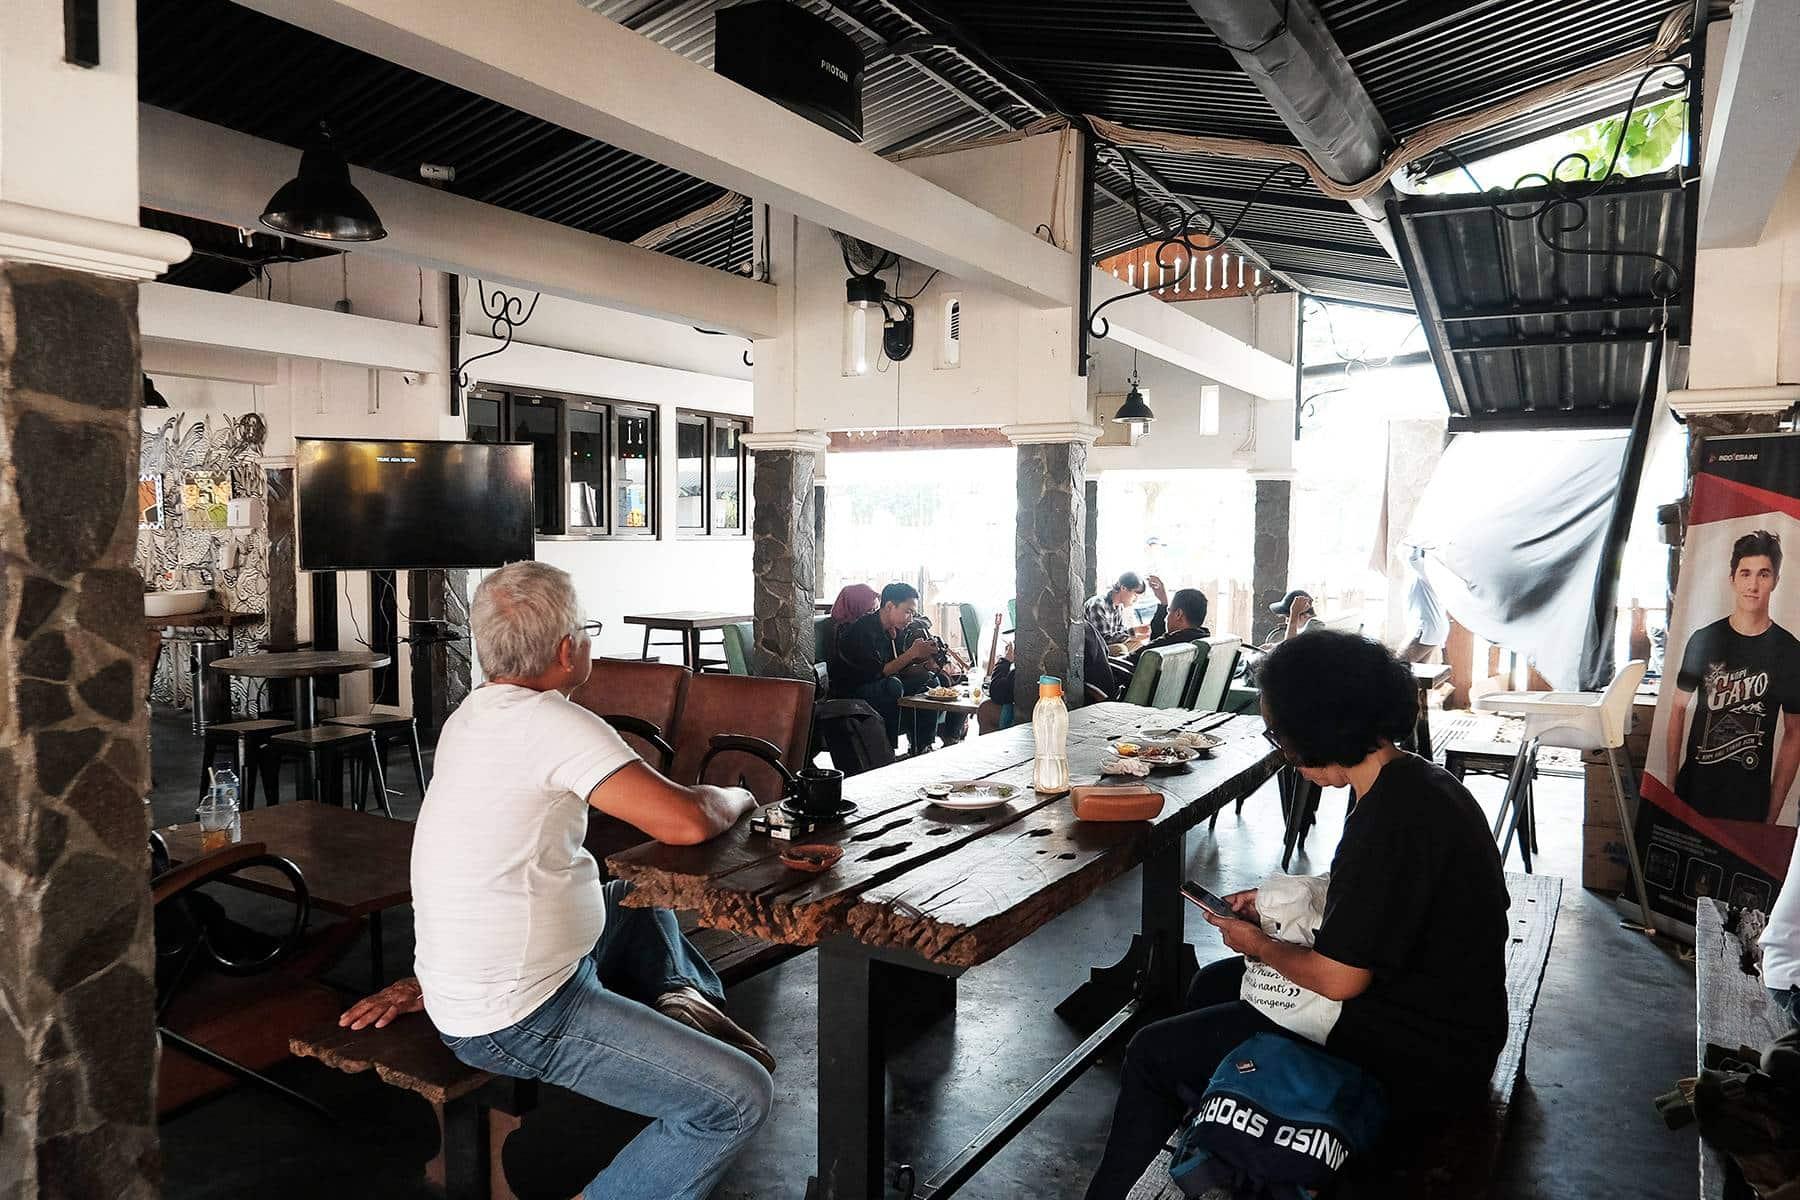 15 Cafe Populer di Jogja Buka 24 Jam Selalu Ramai Buat Nongkrong Sampai Pagi 6